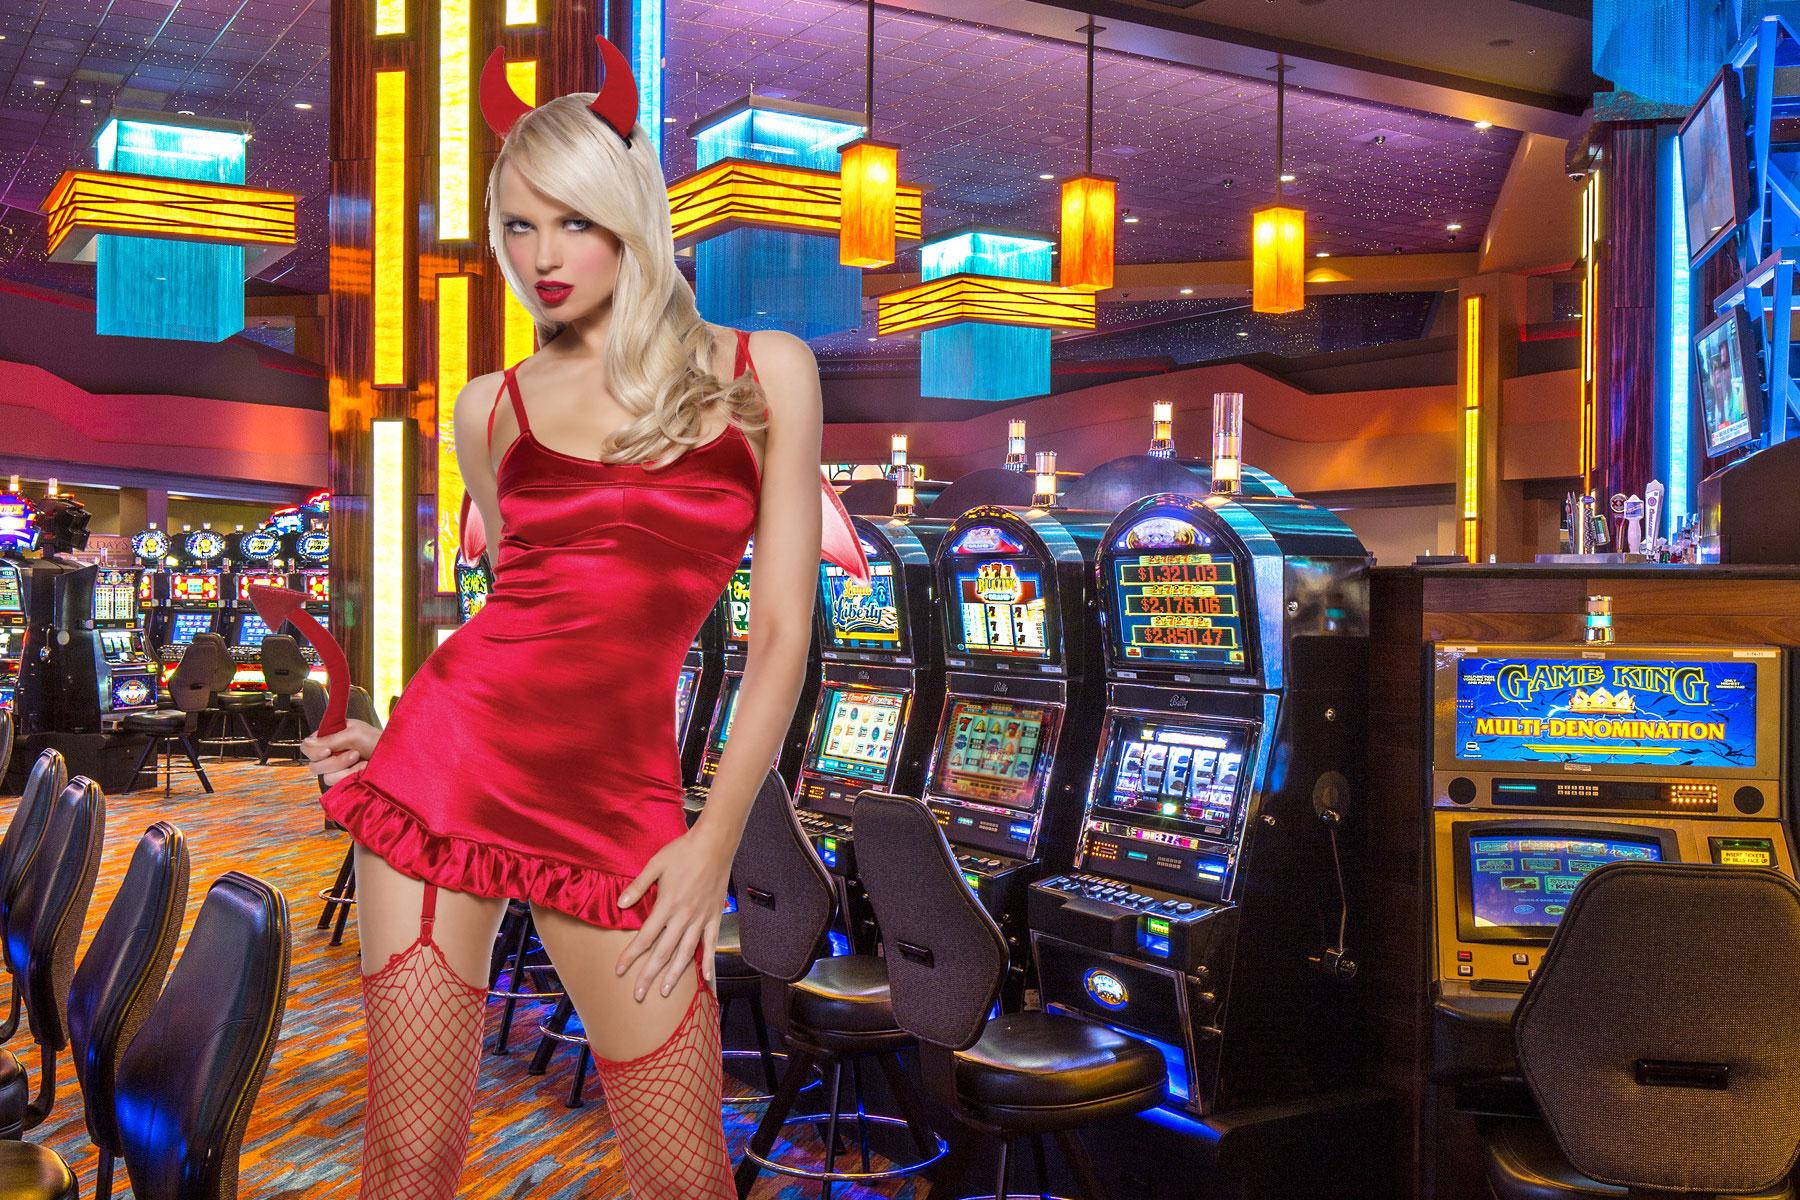 Лучшие азартные игры на биткоин и криптовалюты #Moskva